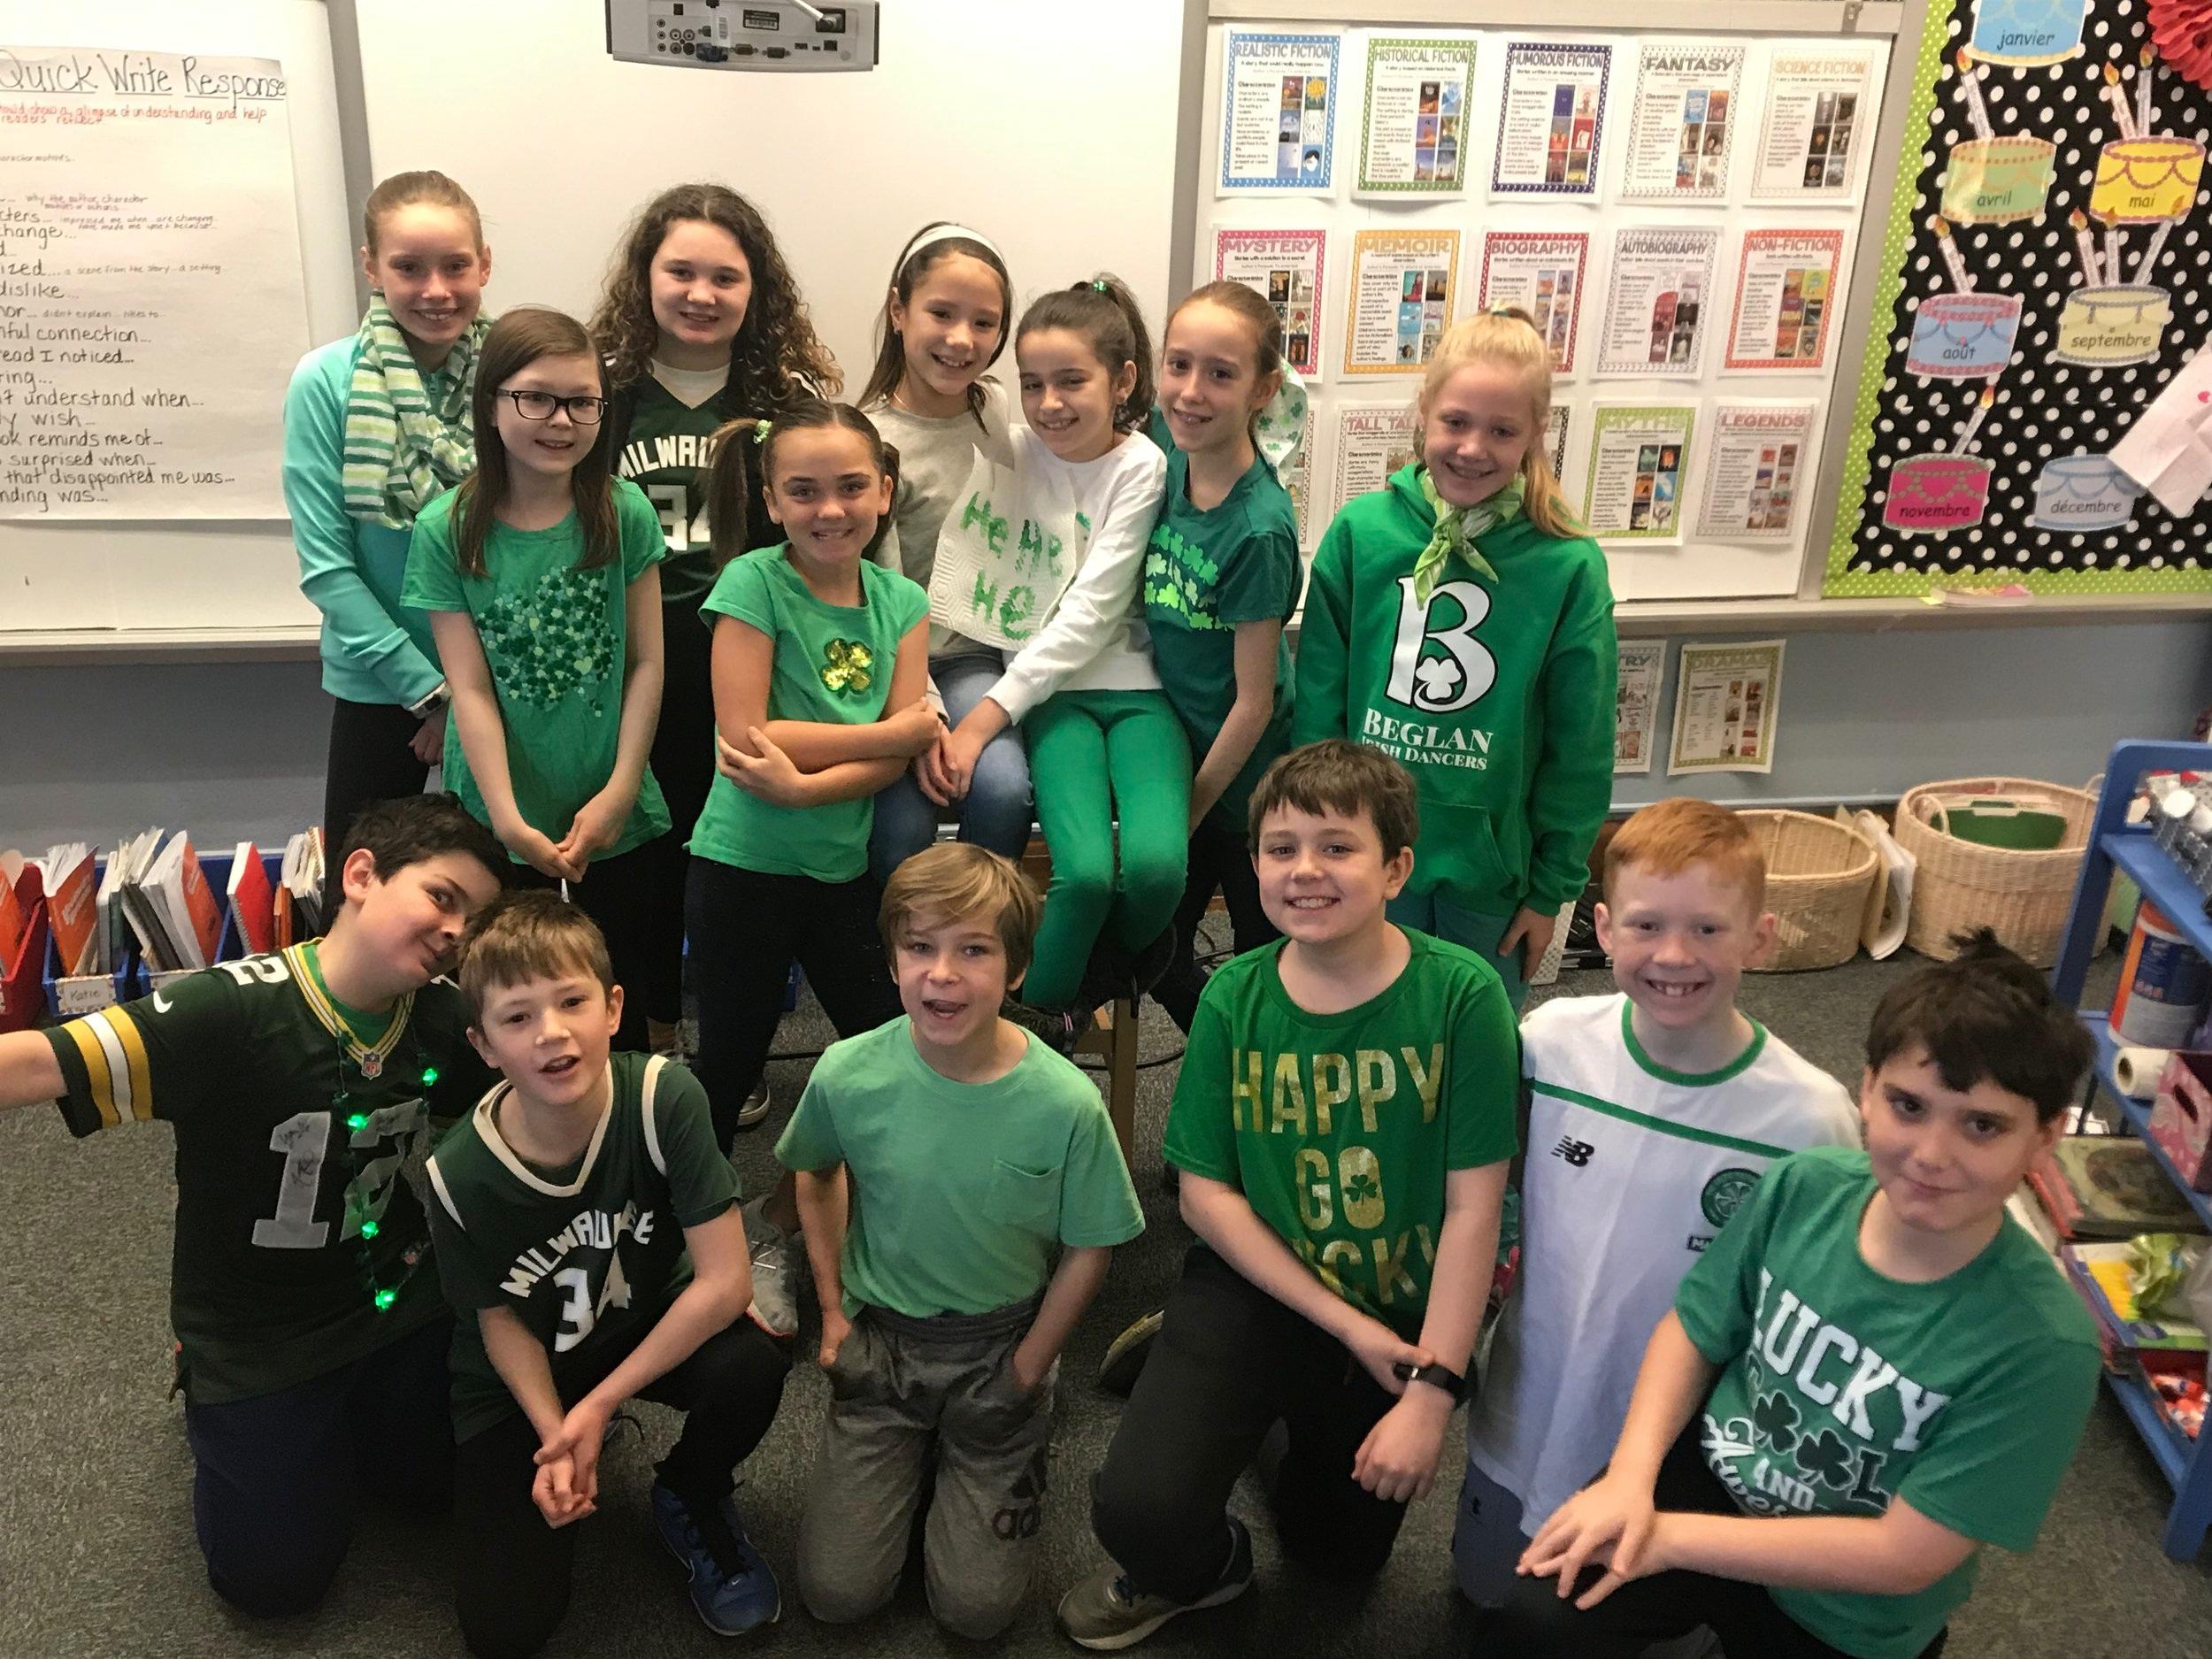 - Happy Saint Patrick's Day!